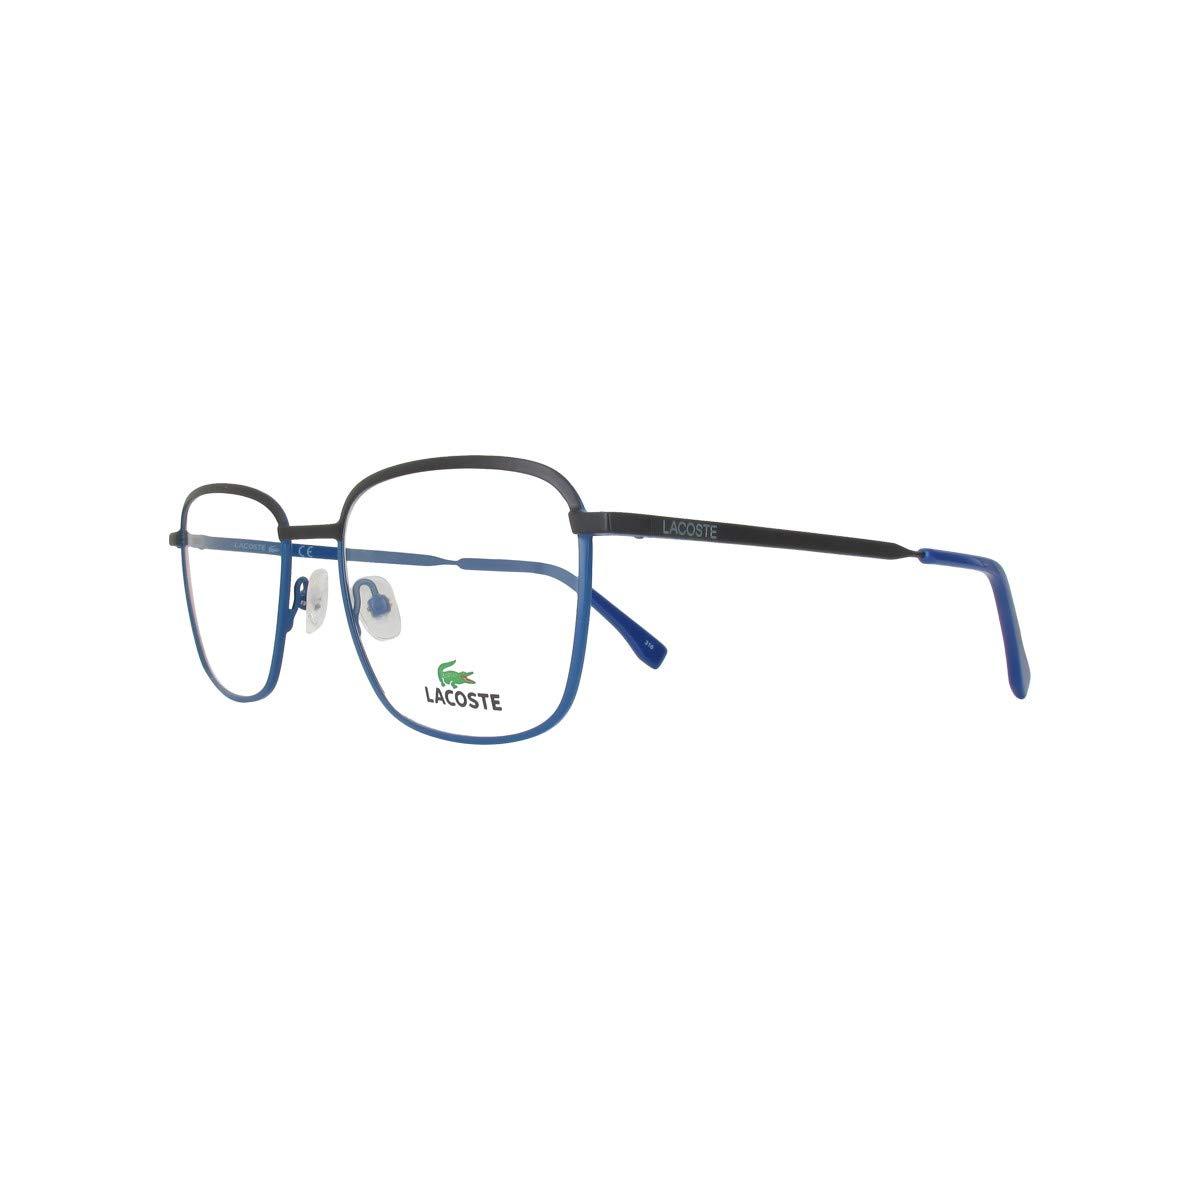 4419754e2ac Amazon.com  New Lacoste Rx Prescription Eyeglasses - L2222 424 - Matte  Blue  Clothing